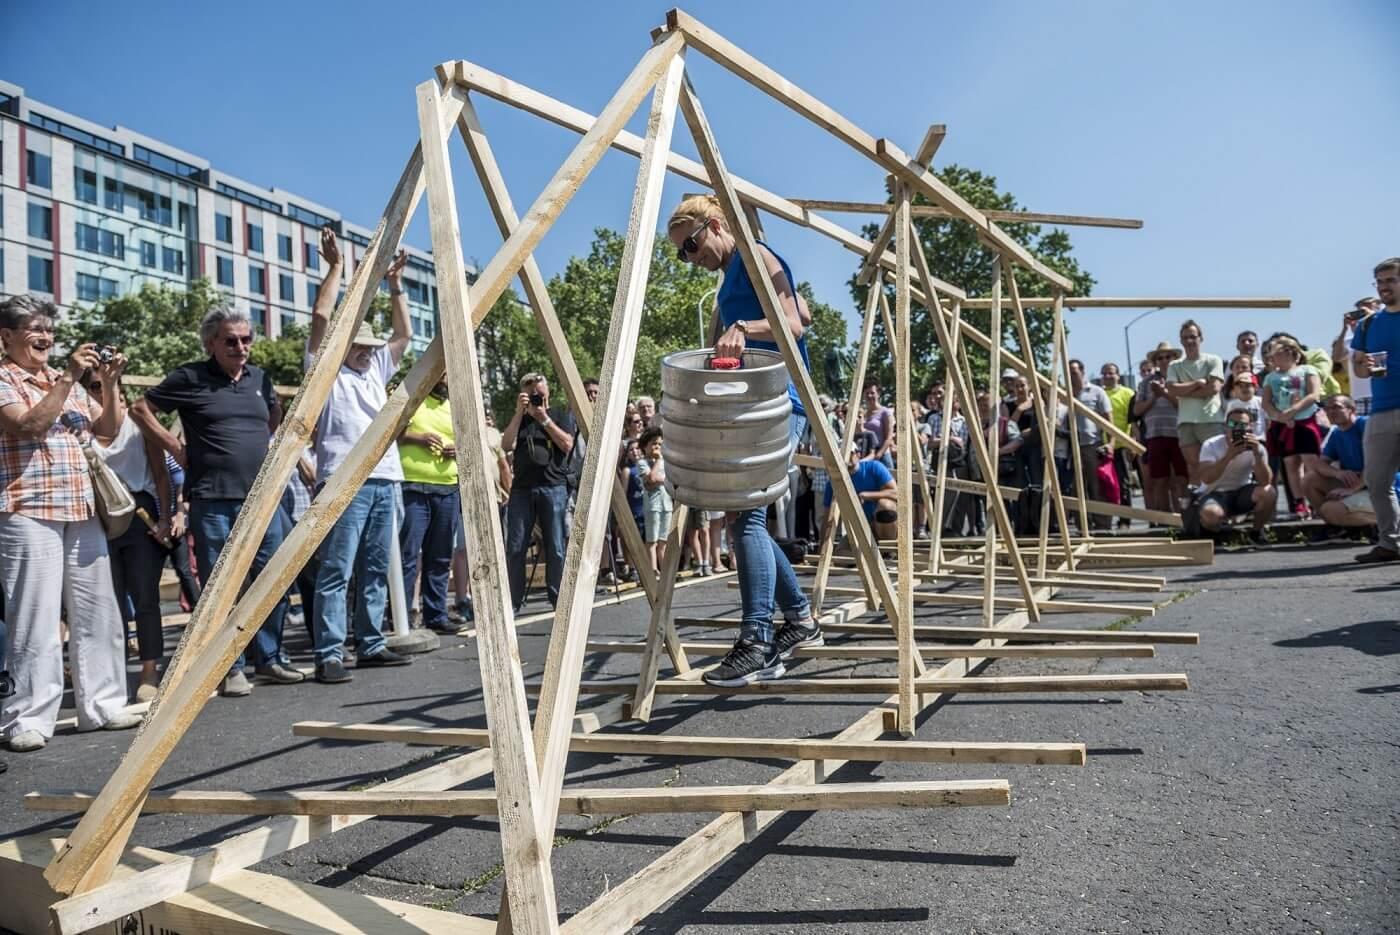 Megtartották a hídépítő szakma legnagyobb ünnepét a Lánchídnál